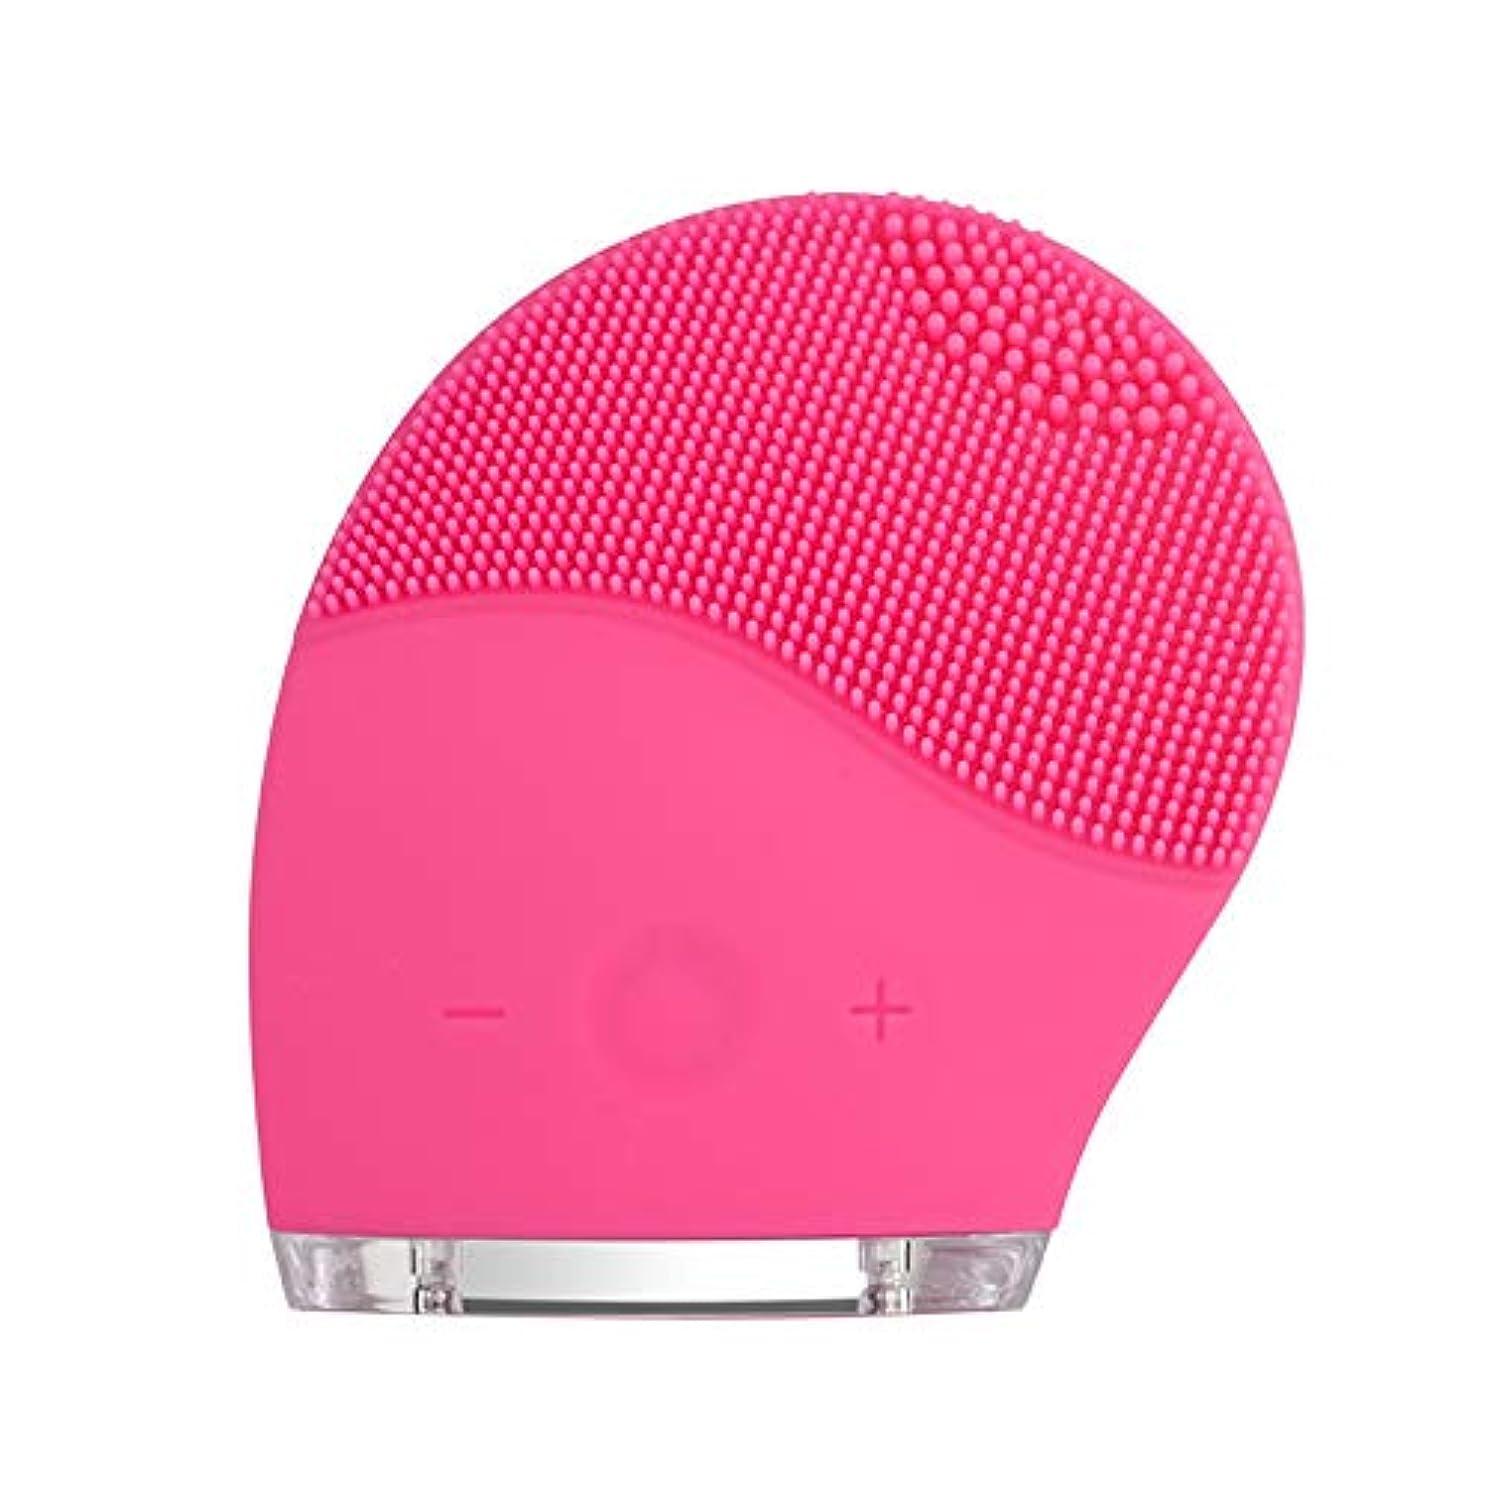 kaixi 2019最新のシリコーンクレンジング楽器洗浄ブラシ電気美容器具毛穴きれいな柔らかい髪振動充電式洗浄アーティファクト